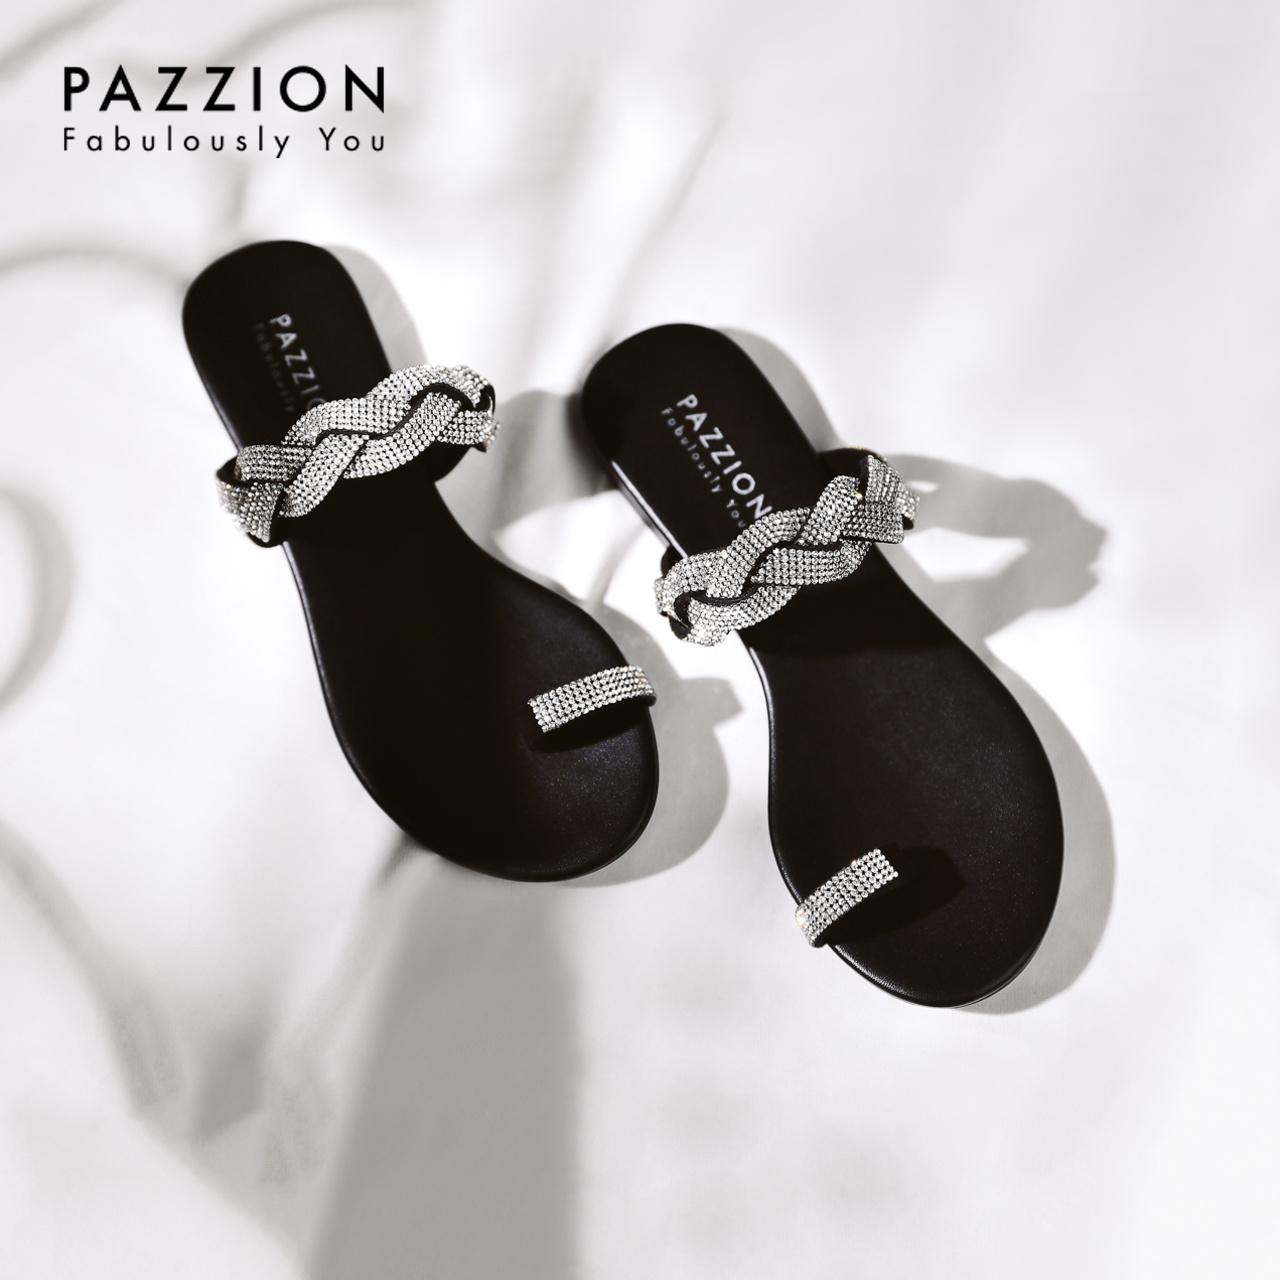 PAZZION时尚水钻编织带夹趾拖鞋女2019夏季新款 舒适休闲平底女鞋